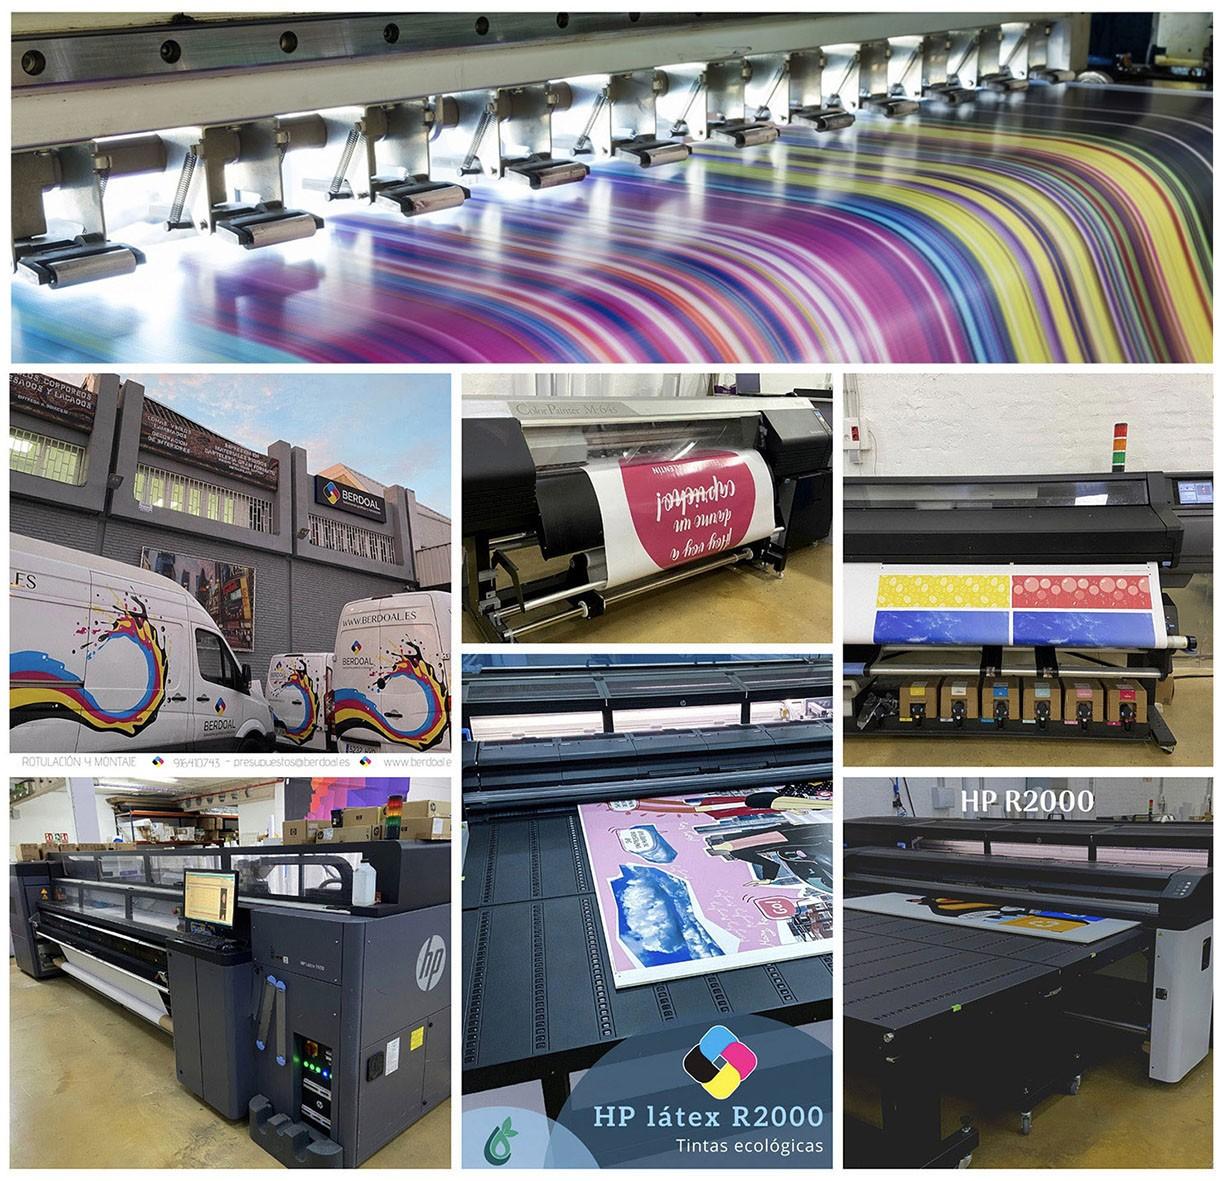 BERDOAL SERVICIOS IMPRESIÓN DIGITAL. IMPRENTA DIGITAL IMPRESIÓN ALTA RESOLUCIÓN VINILOS LONAS ROTULACIÓN GRAN FORMATO RÓTULOS LUMINOSOS PUBLICIDAD GRÁFICA PARA EVENTOS. Posted at 08:00h in Blog, imprenta digital, Imprenta Digital Alcorcón Móstoles Fuenlabrada Leganés Getafe Parla Villaviciosa Odon Boadilla Pozuelo Las Rozas Carabanchel Usera Vallecas, Imprenta Digital Económica en Alcorcón Móstoles Fuenlabrada Leganés Getafe Parla Villaviciosa Odon Boadilla Pozuelo Las Rozas Carabanchel Usera Vallecas, Imprenta Económica en Alcorcón Móstoles Fuenlabrada Leganés Getafe Parla Villaviciosa Odon Boadilla Pozuelo Las Rozas Carabanchel Usera Vallecas, Imprentas Alcorcón Móstoles Fuenlabrada Leganés Getafe Parla Villaviciosa Odon Boadilla Pozuelo Las Rozas Carabanchel Usera Vallecas, Imprentas Digitales en Alcorcón, Imprentas Económicas en Alcorcón Móstoles Fuenlabrada Leganés Getafe Parla Villaviciosa Odon Boadilla Pozuelo Las Rozas Carabanchel Usera Vallecas, Imprentas en Alcorcón, impresión digital, Impresión Digital de Cartelería Alta Resolución para Publicidad, Impresión Gigantografías Alta Resolución, impresión gran formato, impresión lonas doble cara microperforadas, impresión montaje stand estand economicos, impresión vinilos de corte, Impresión Vinilos Económicos Lonas Económicas Alcorcón Móstoles Fuenlabrada Leganés Getafe Parla Villaviciosa Odon Boadilla Pozuelo Las Rozas Carabanchel Usera Vallecas, Impresión Vinilos para Monopostes Publicitarios, impresión vinilos publicidad vallas, Presupuestos Económicos de Impresión en PVC Dibond Cartón Metacrilatos Plásticos Banderolas Telas, Presupuestos Impresión de Lonas, Presupuestos impresión digital, Presupuestos Impresión Vinilos Laminados, rotulación vehículos, rótulos y luminosos, Servicios Impresión Digital Alcorcón Móstoles Fuenlabrada Leganés Getafe Parla Villaviciosa Odon Boadilla Pozuelo Las Rozas Carabanchel Usera Vallecas BERDOAL IMPRENTA DIGITAL. IMPRESIÓN DIGITAL ALTA RESOLUCIÓN EN TODO TIPO DE SOPORTES Y 